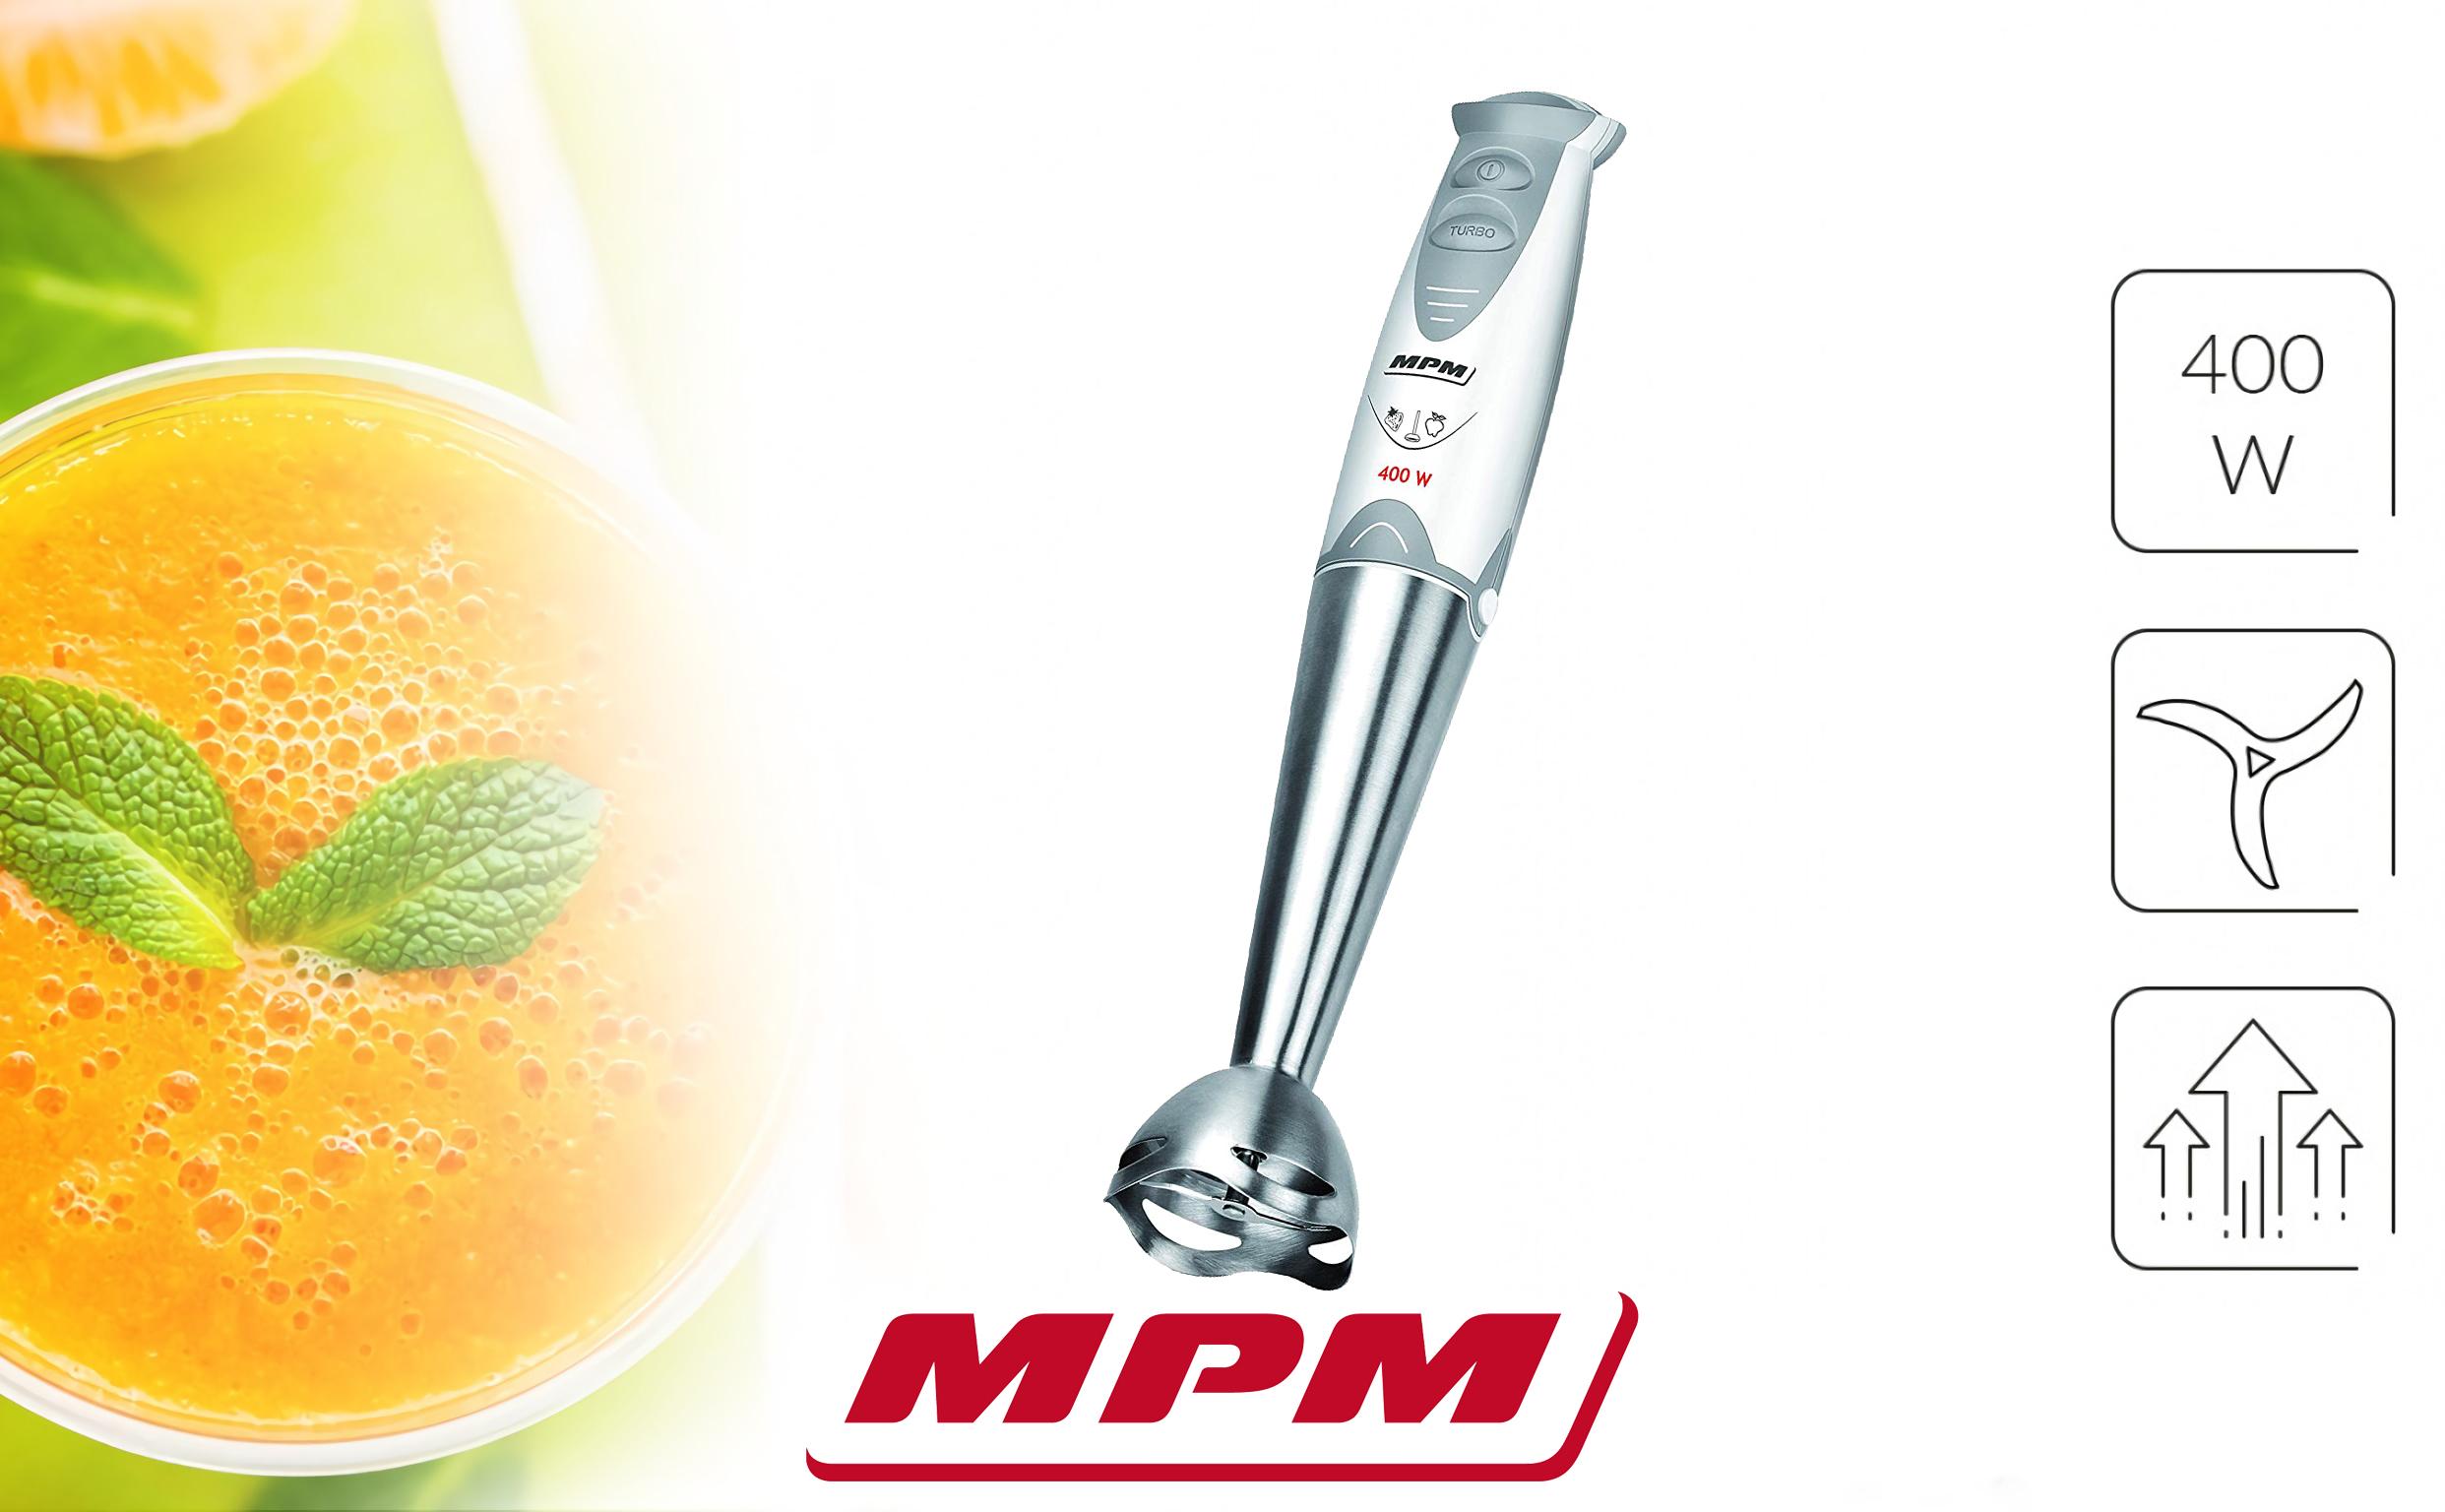 MPM MBL-03 Set Batidora de Mano Picadora y Varillas, con Accesorios, Acero Inoxidable, Función Turbo 400W, Libre de BPA